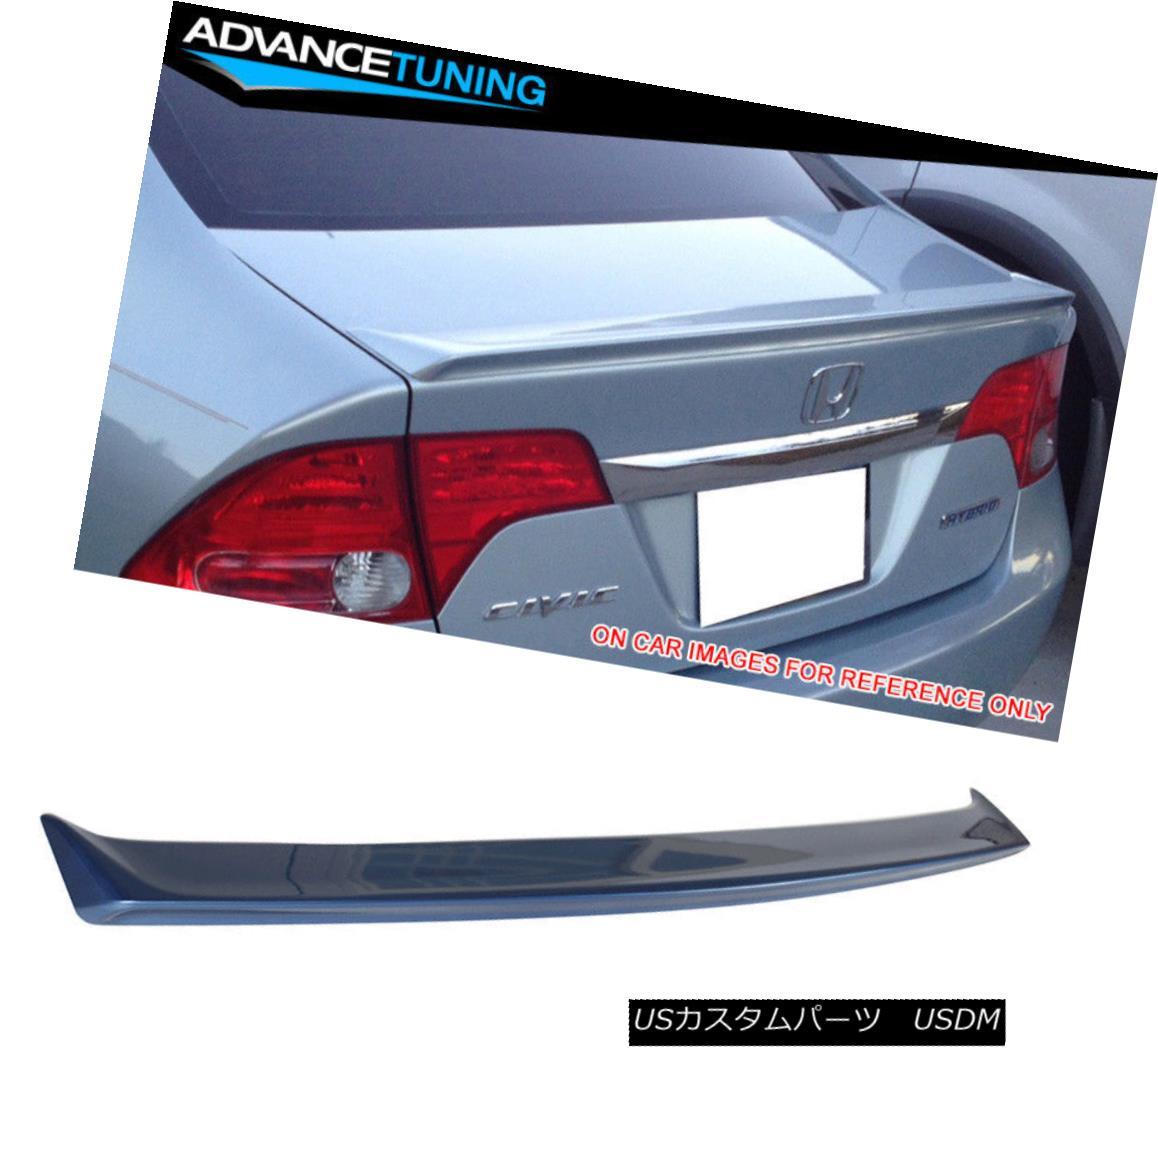 エアロパーツ Fit 06-11 Civic Performance Trunk Spoiler OEM Painted B537M Atomic Blue Metallic フィット06-11民間パフォーマンストランクスポイラーOEM塗装B537Mアトミックブルーメタリック